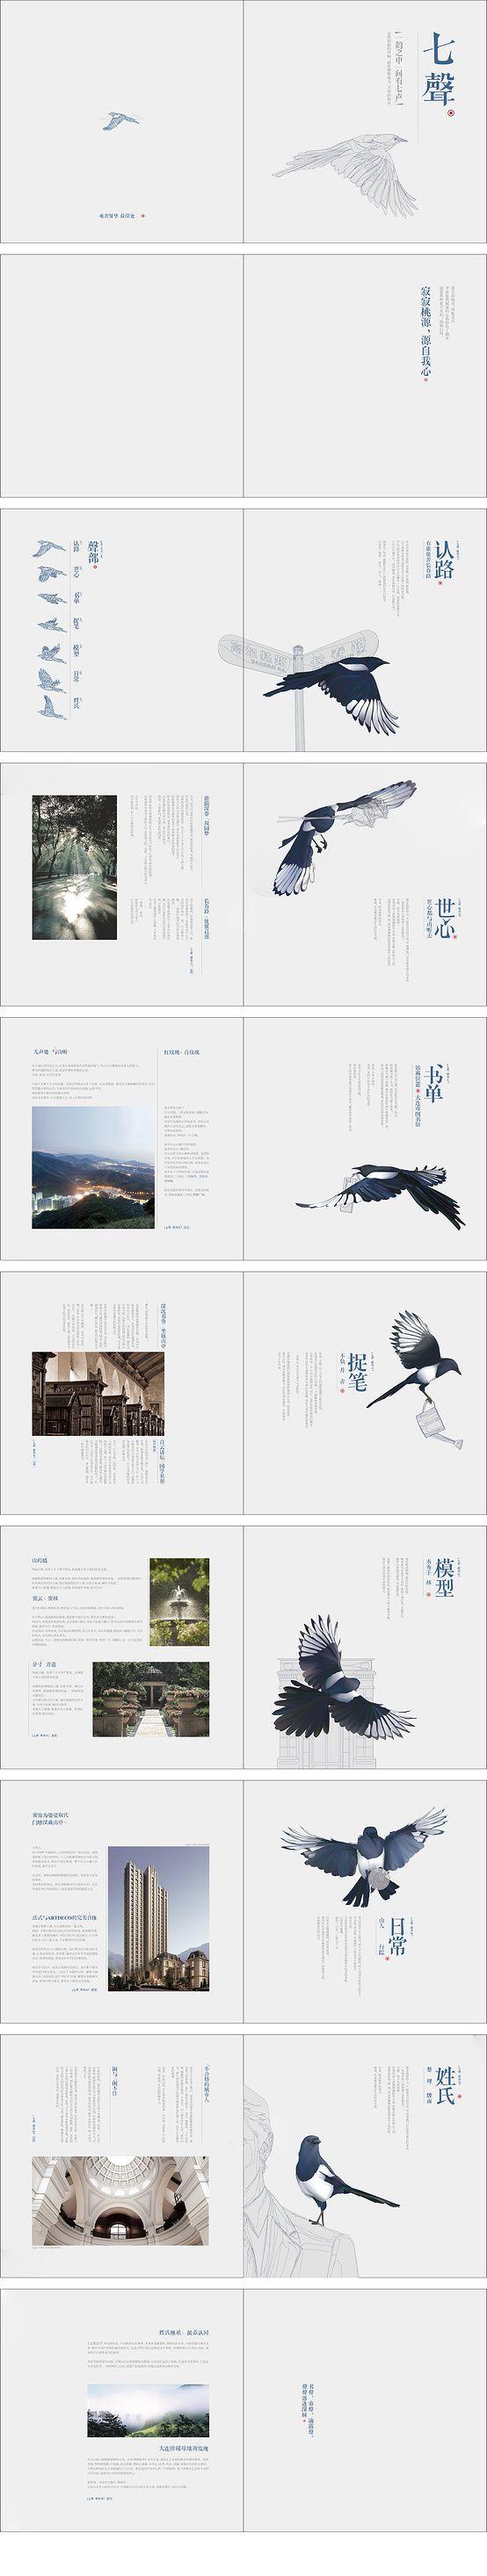 天琴山秋季形象册 — 七声(原图尺寸:554x2933px)